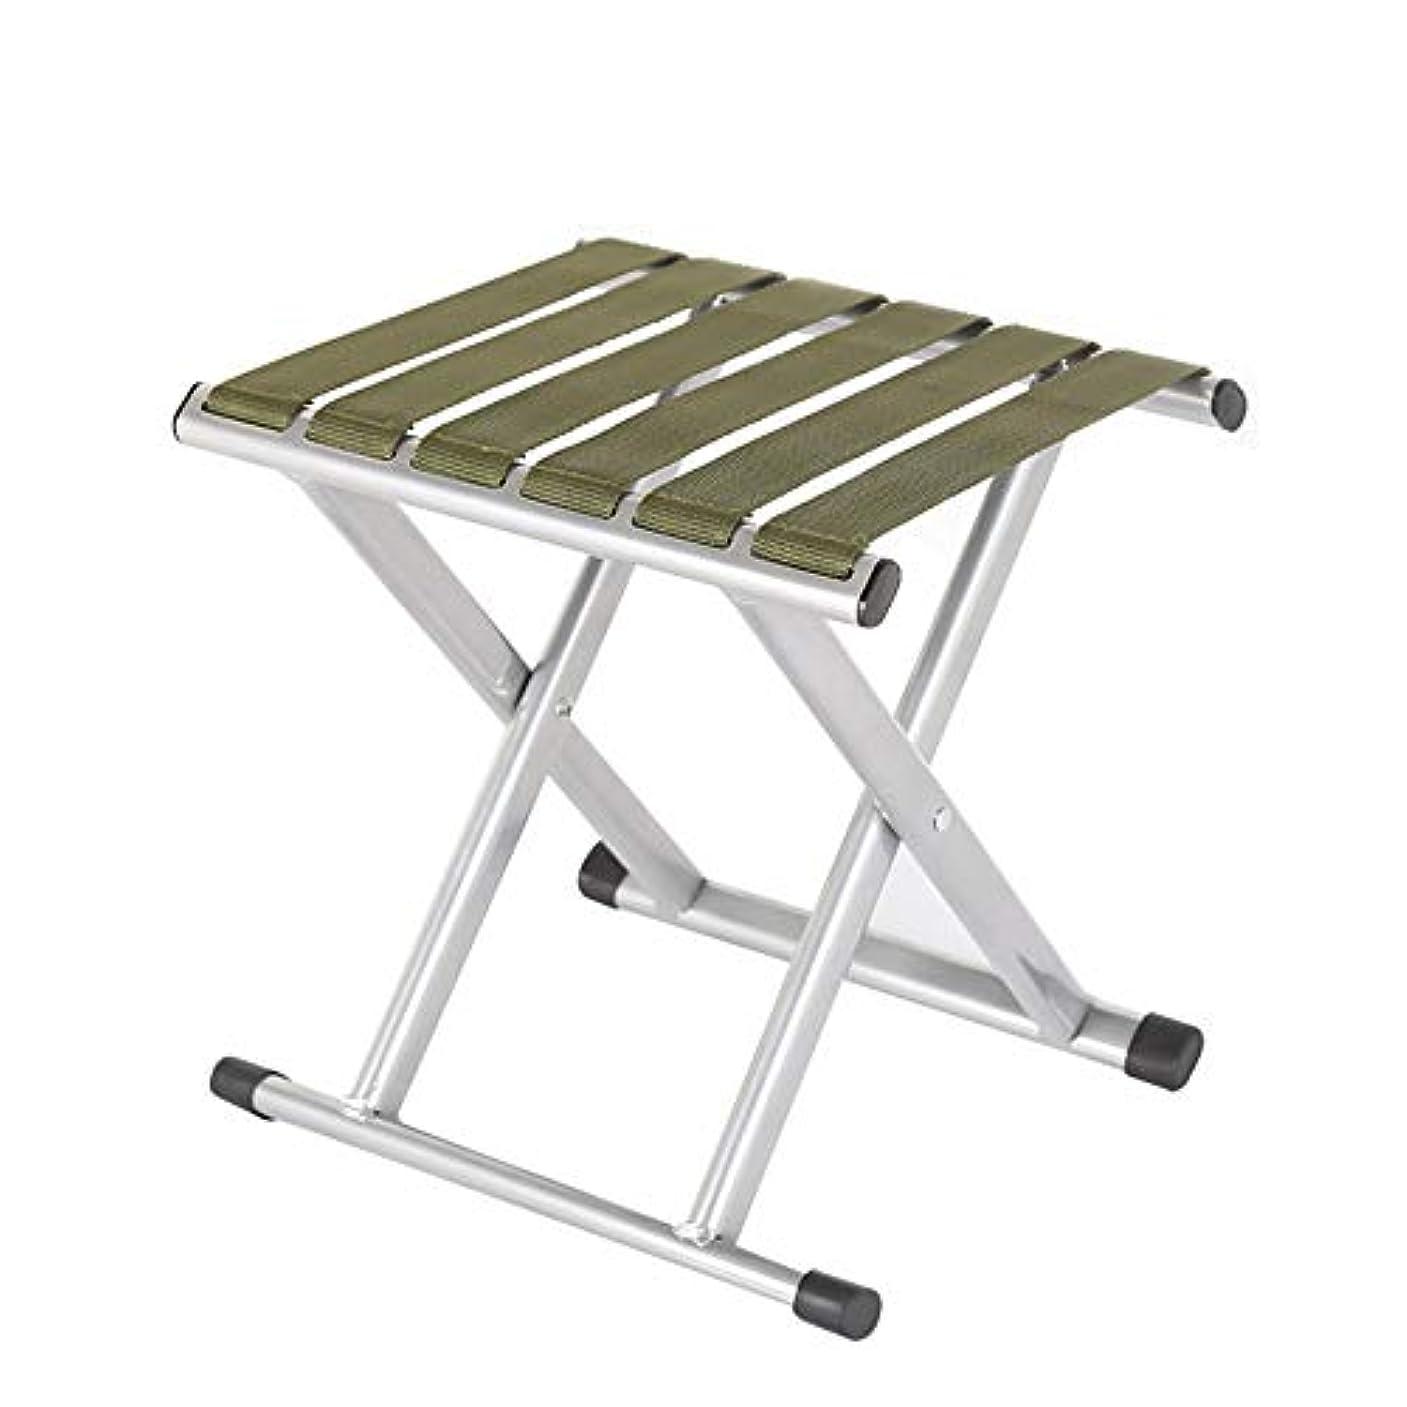 経度シンプトン優れました小さい 折りたたみ椅子, 超軽量 チェア キャンプチェア